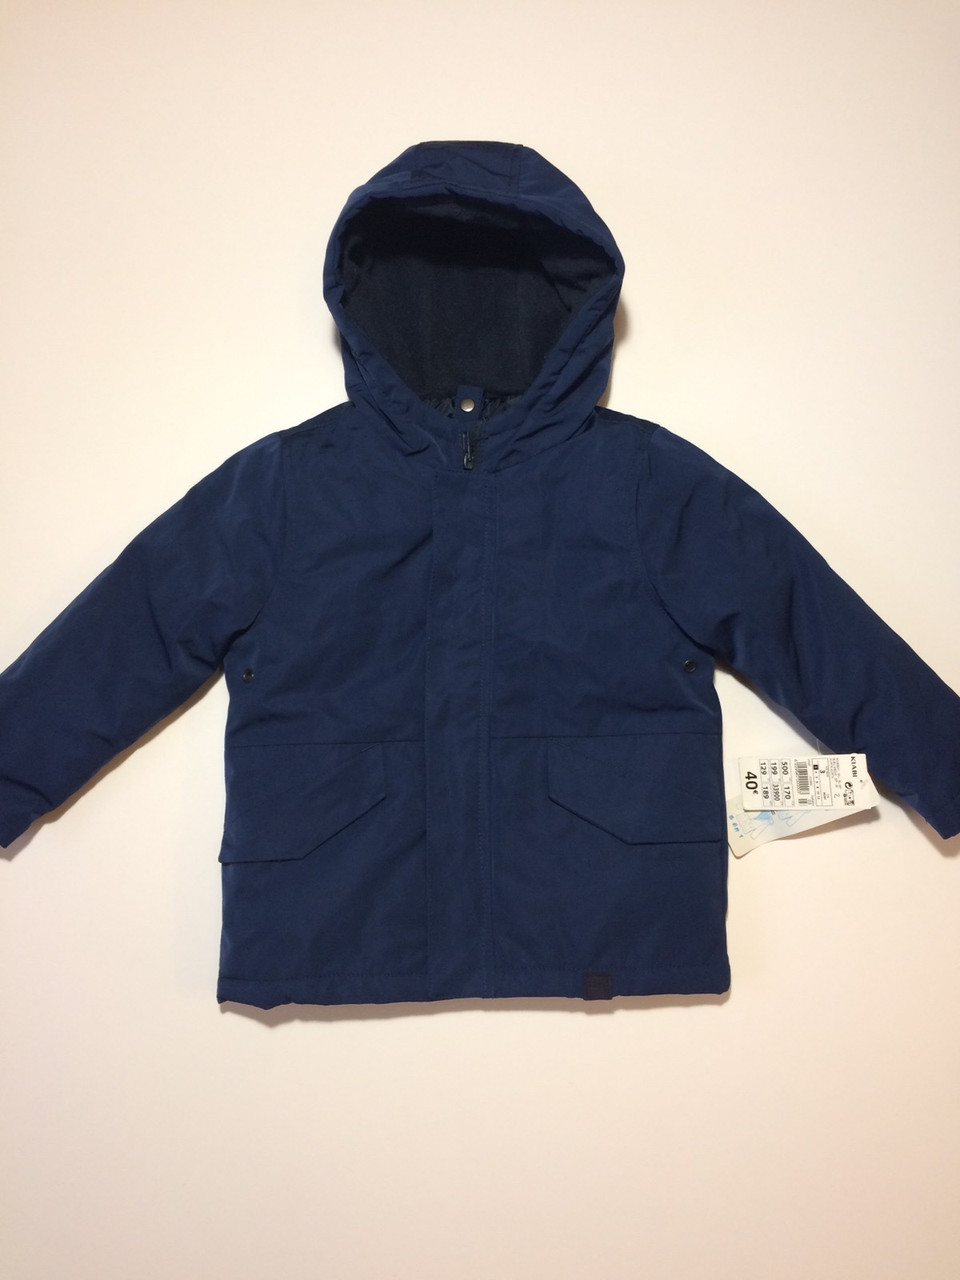 Зимняя Куртка Kiabi 3in1 SYSTEM для мальчика 2-3 года